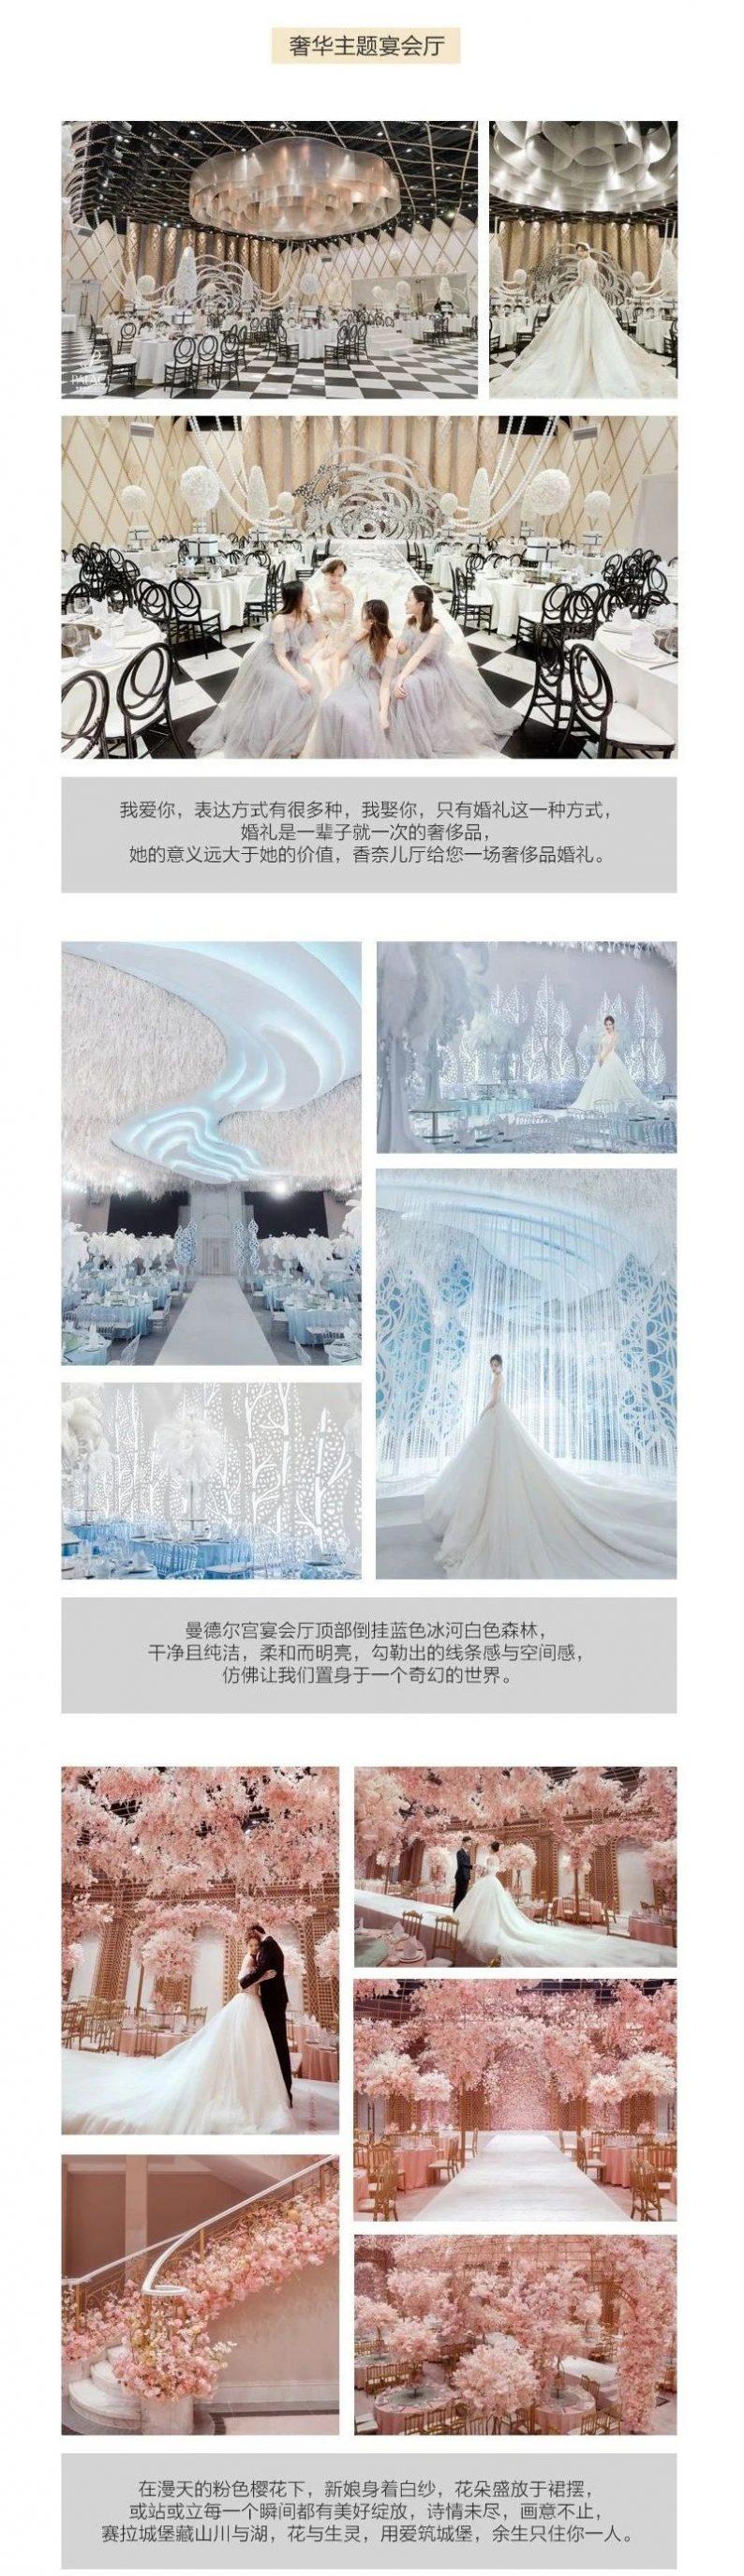 婚礼堂发布:同庆楼帕丽斯婚礼艺术殿堂,3000多平、蔡上设计!  第13张